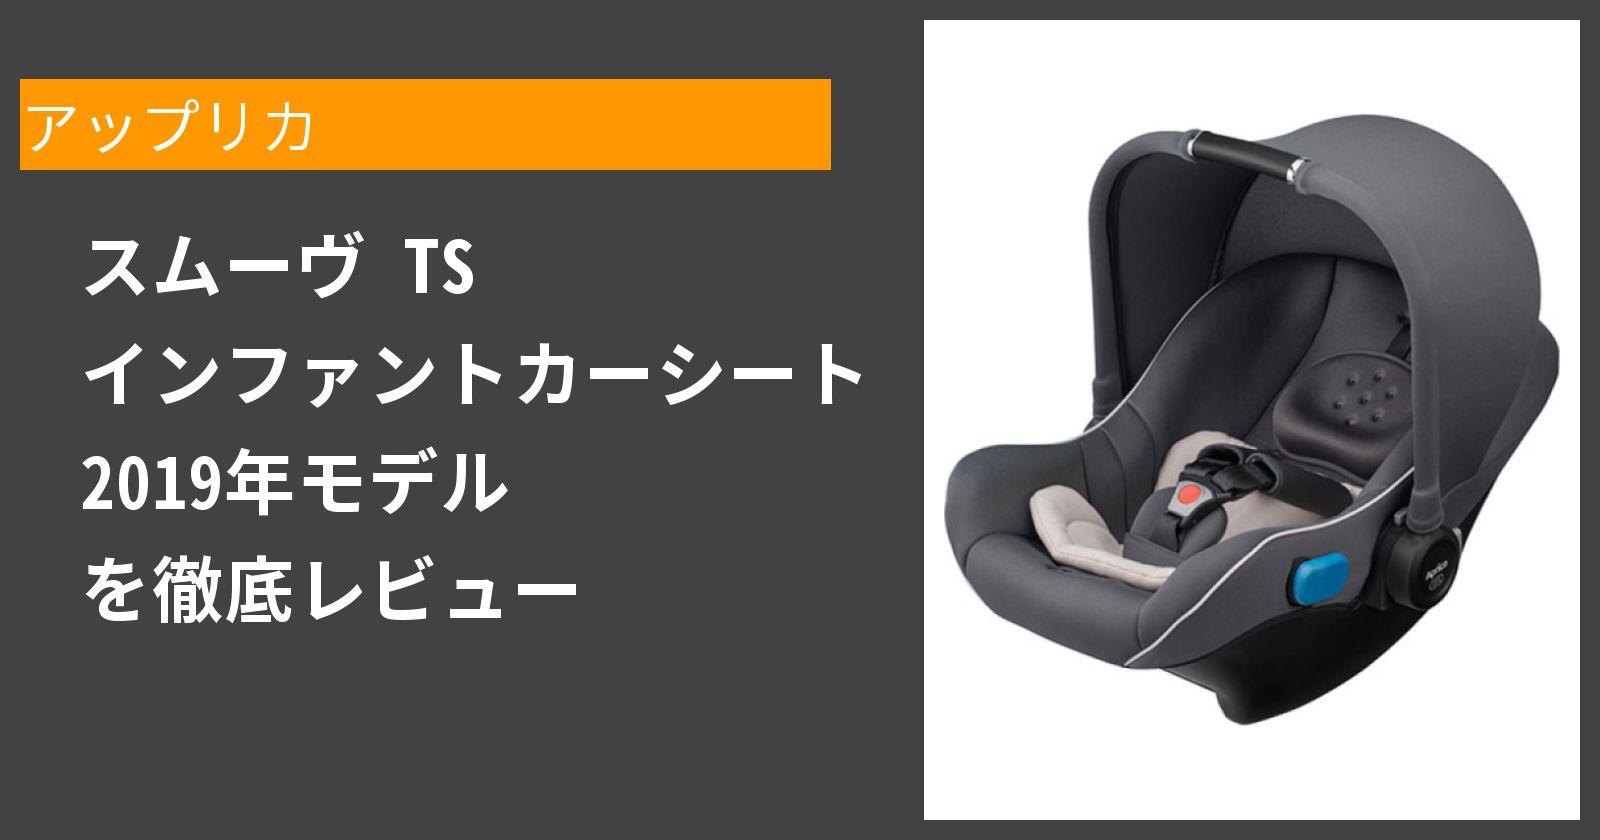 スムーヴ TS インファントカーシート 2019年モデルを徹底評価